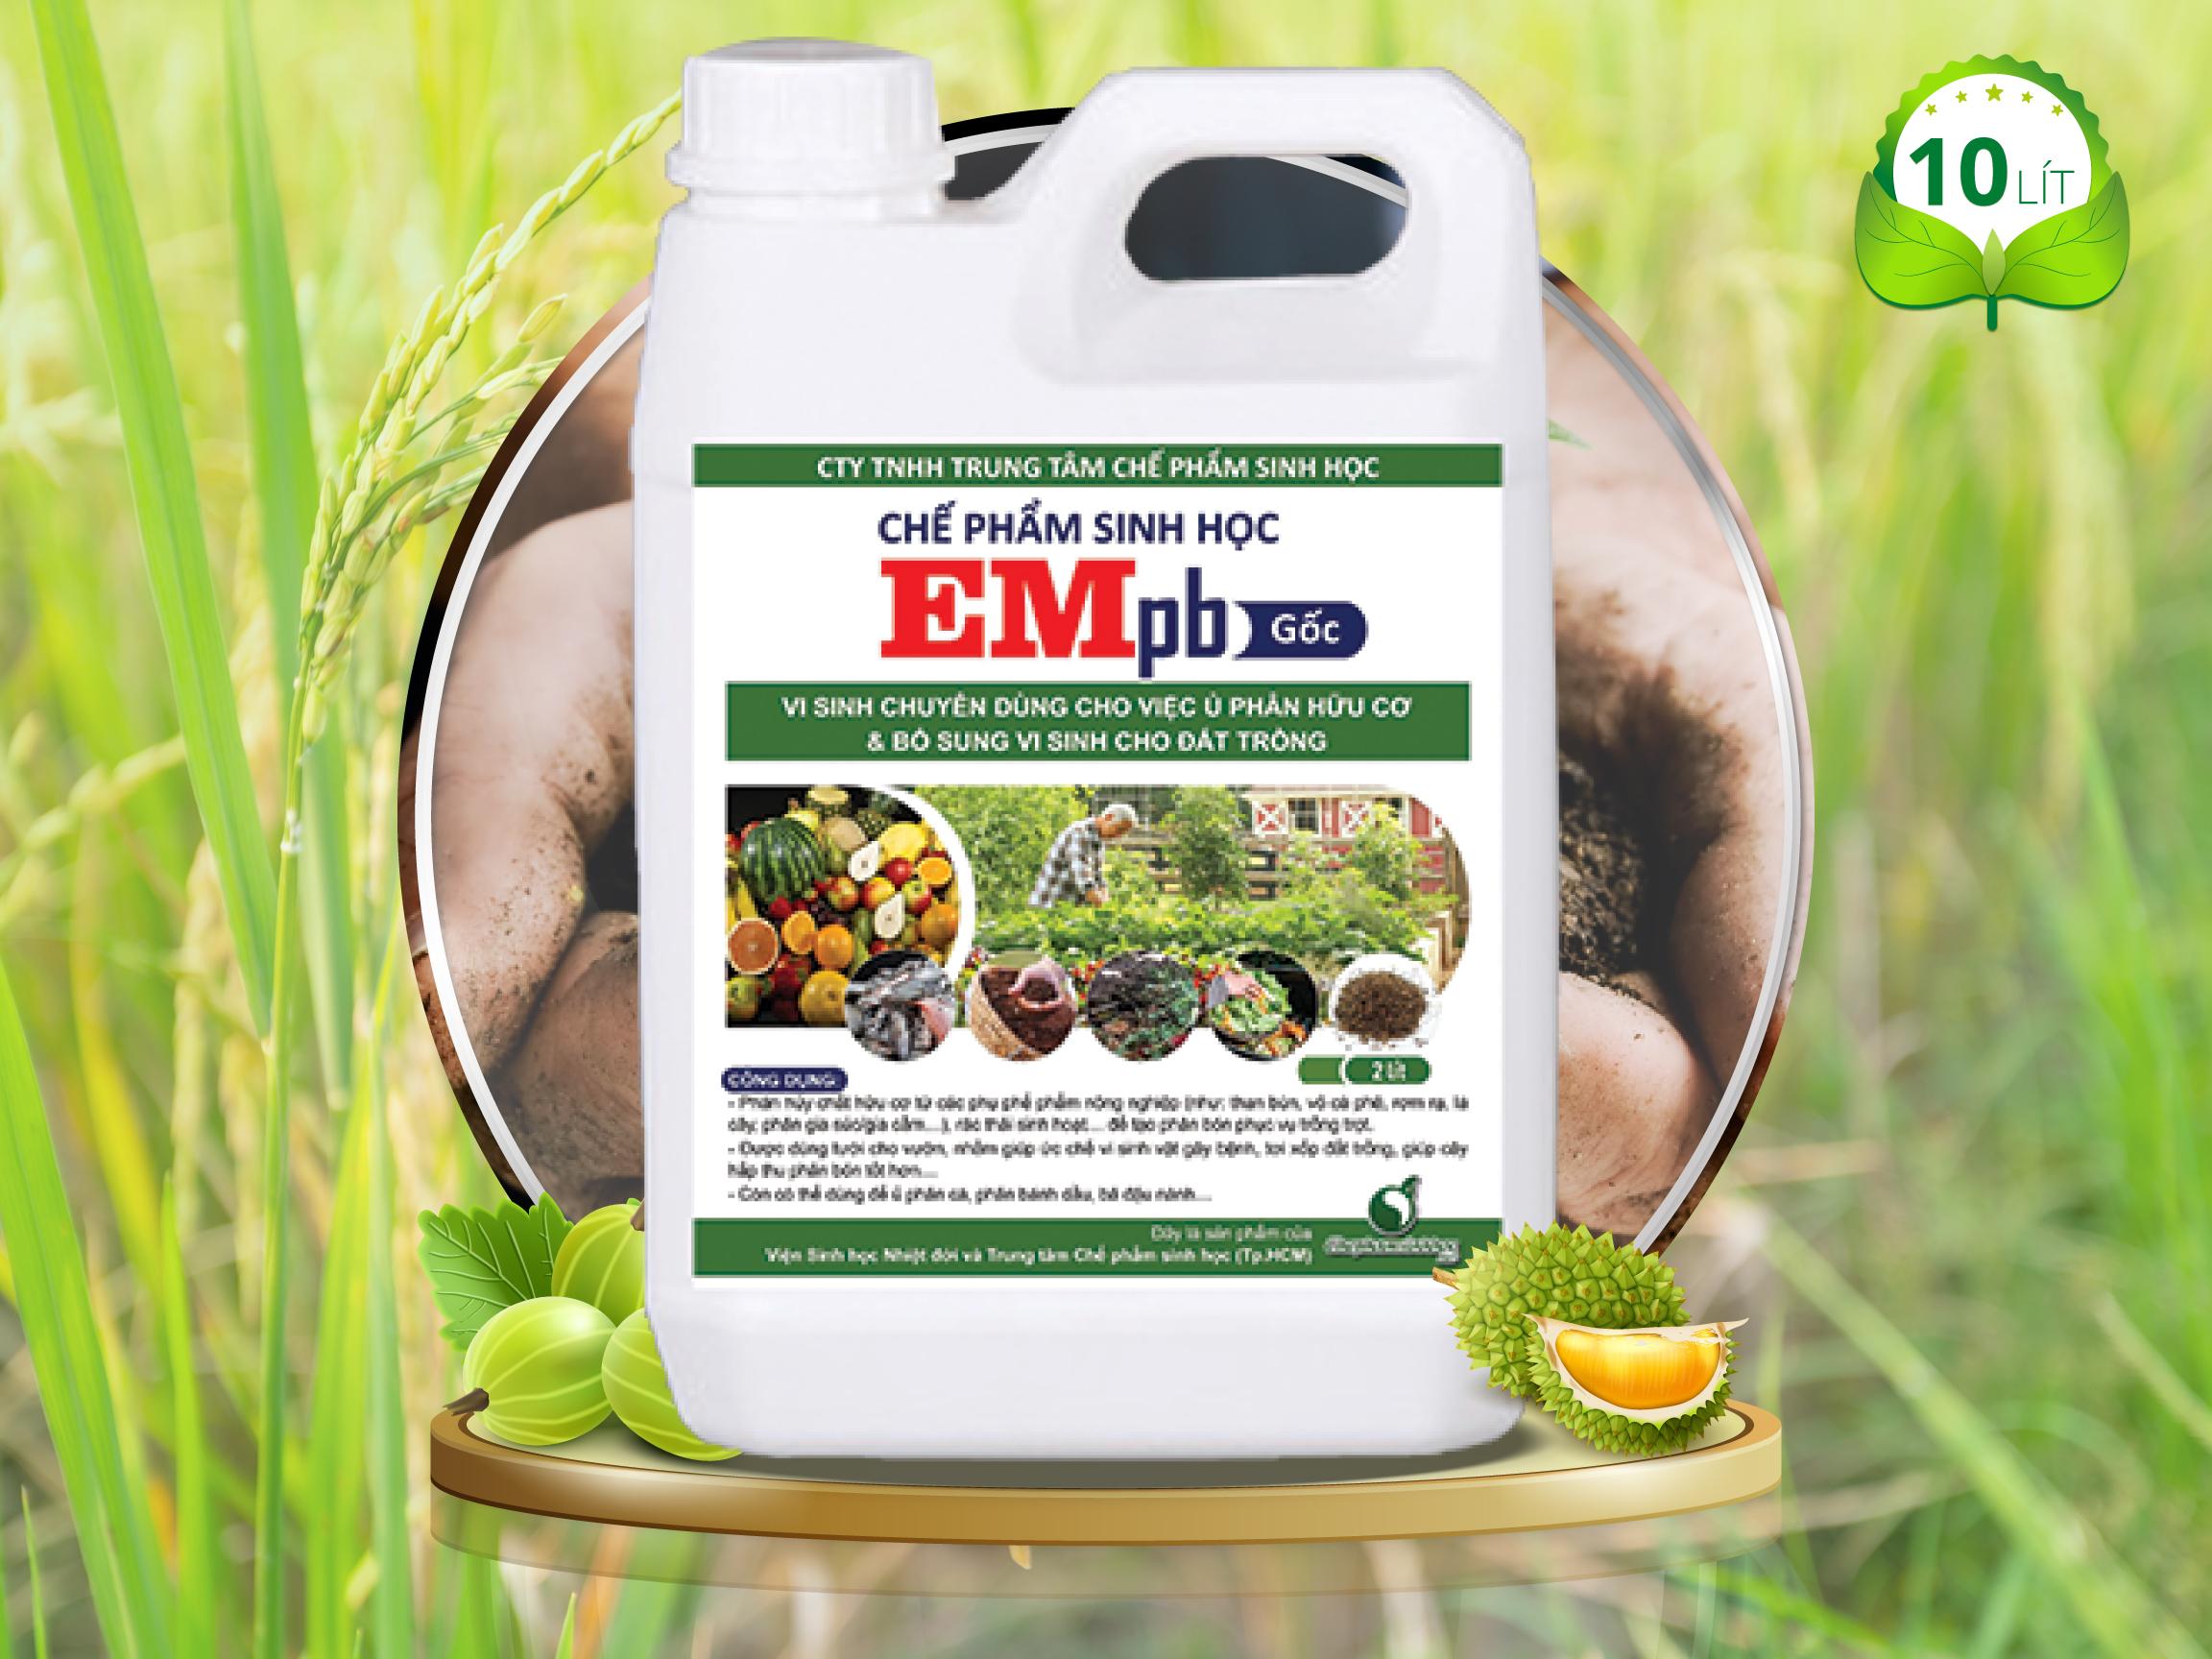 Chế phẩm EM gốc (VEM gốc) - Dùng cho Cây trồng (EMpb 10 lít)